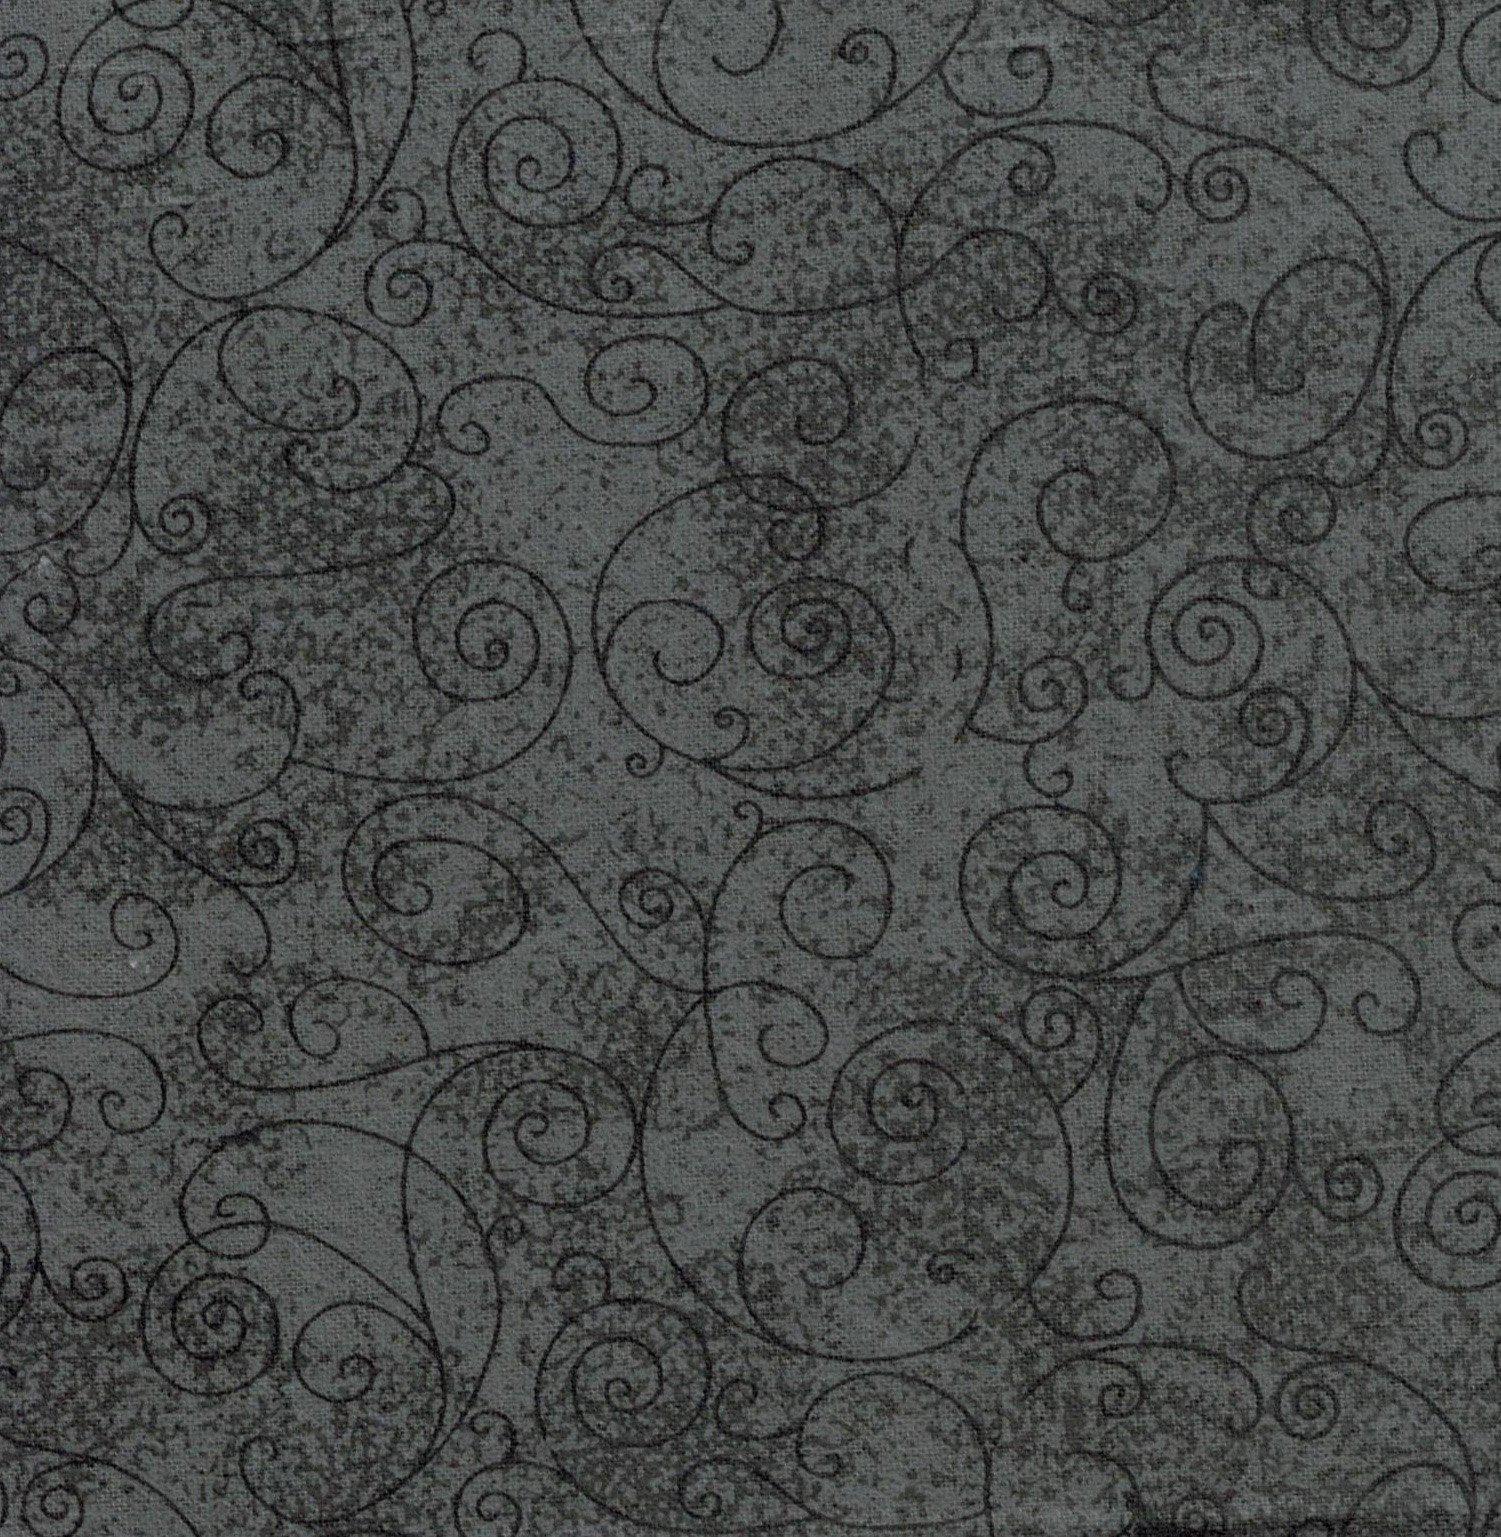 Flannel 110 Wide x 3 yards RI-9016-27 Grey